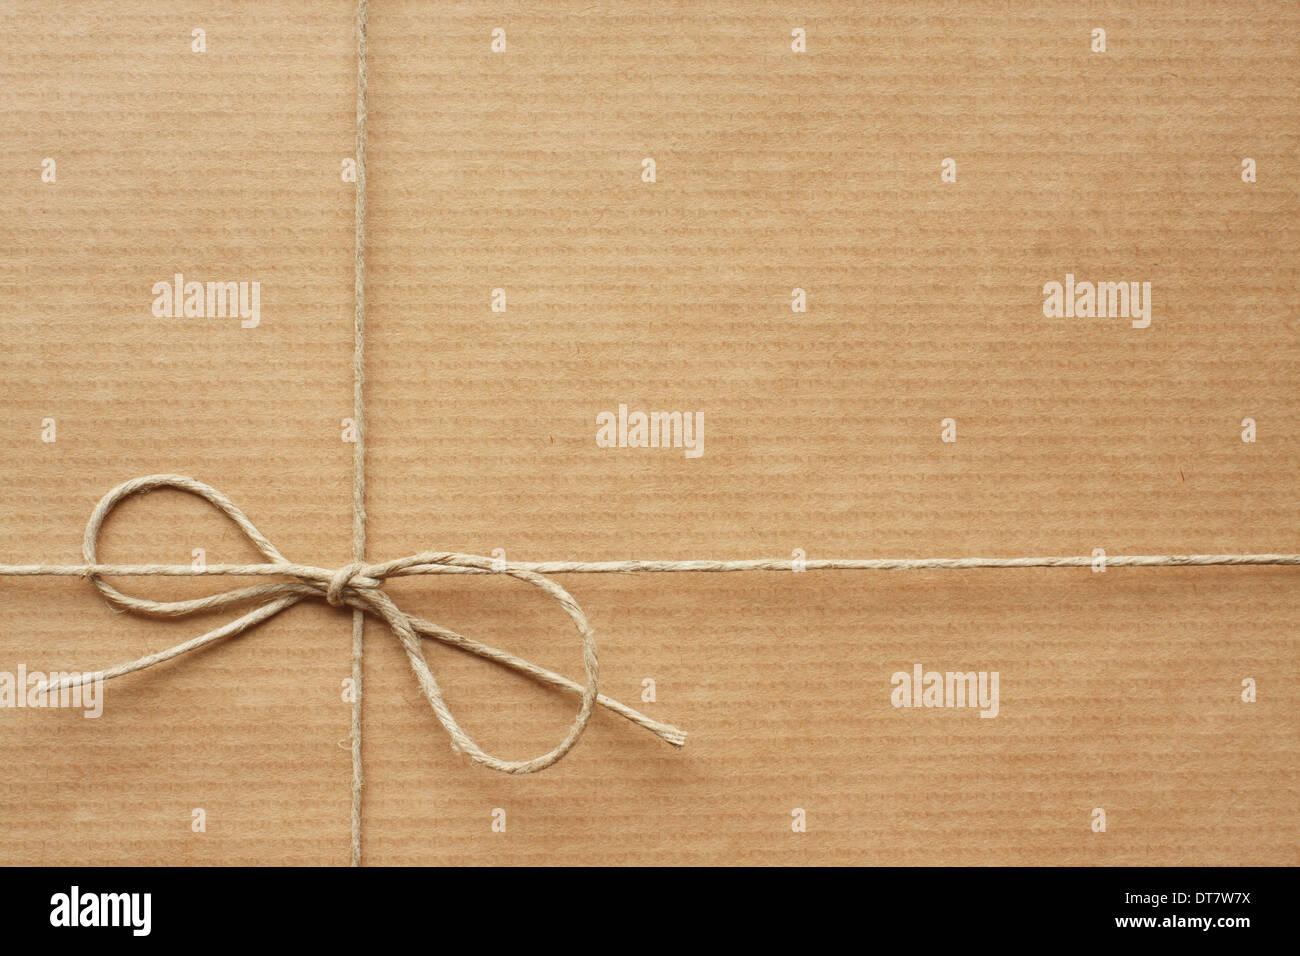 Pack envuelto en papel de envolver, atados con una cuerda. Espacio vacío para su texto Imagen De Stock